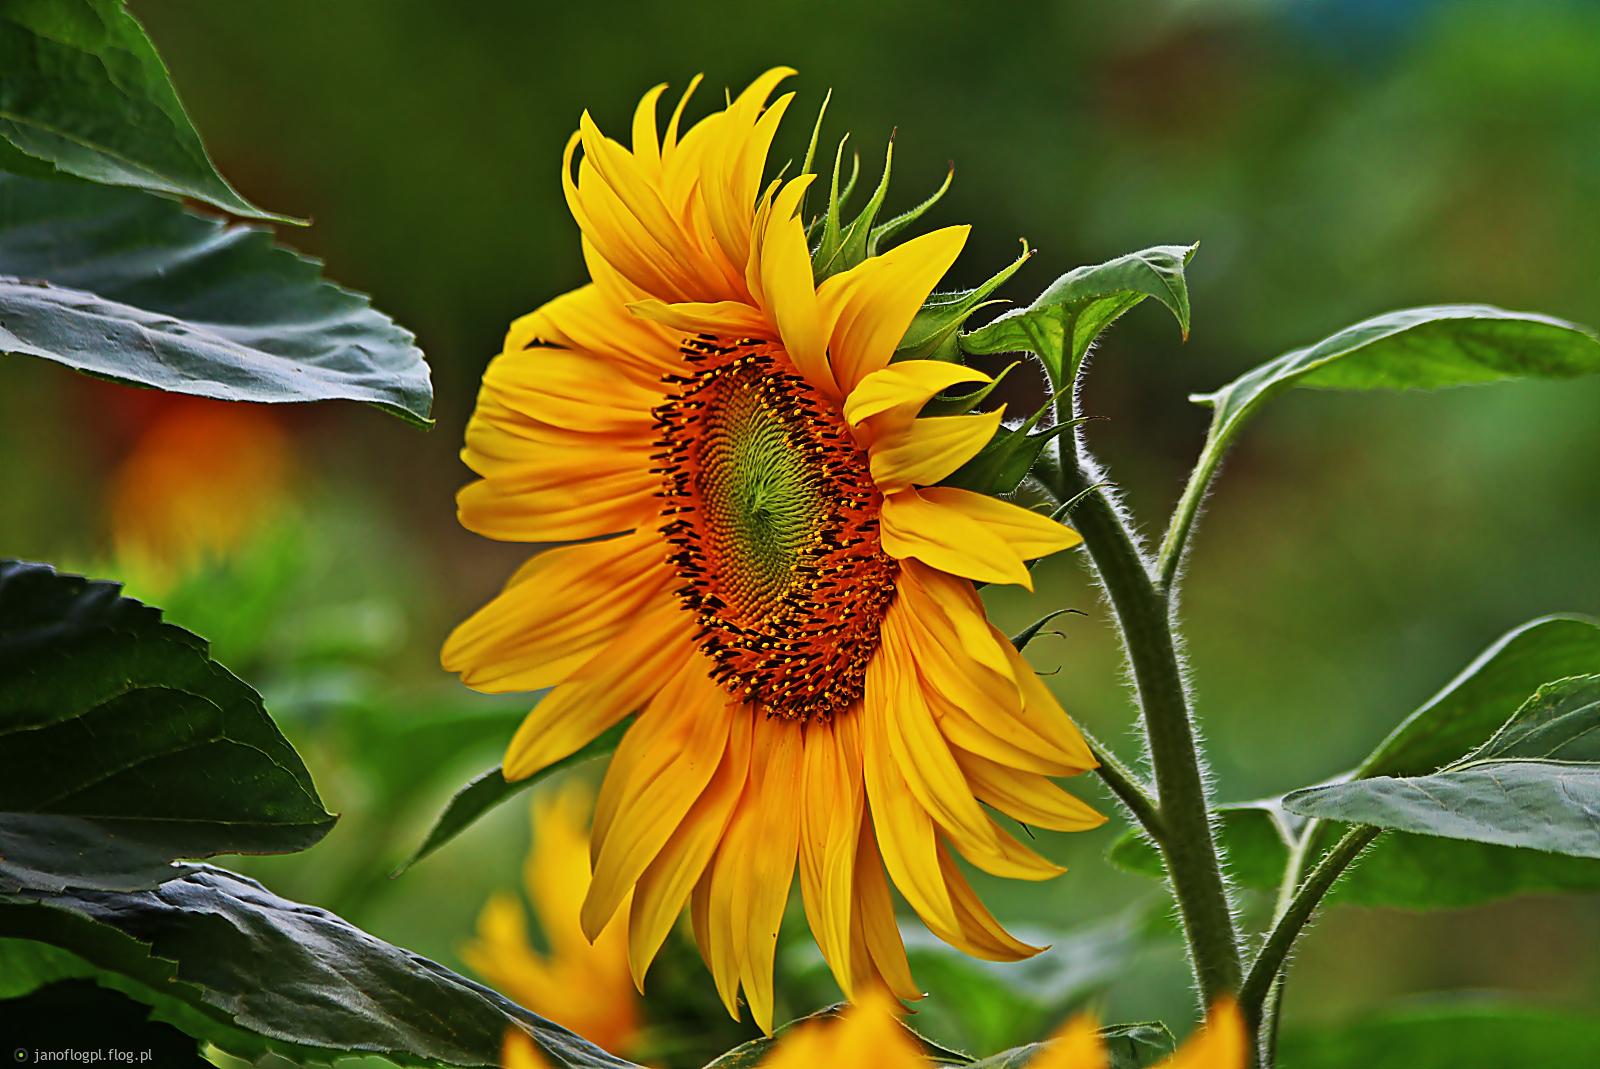 Słonecznikowe słoneczko dla Ciebie w rewanżu Beatko